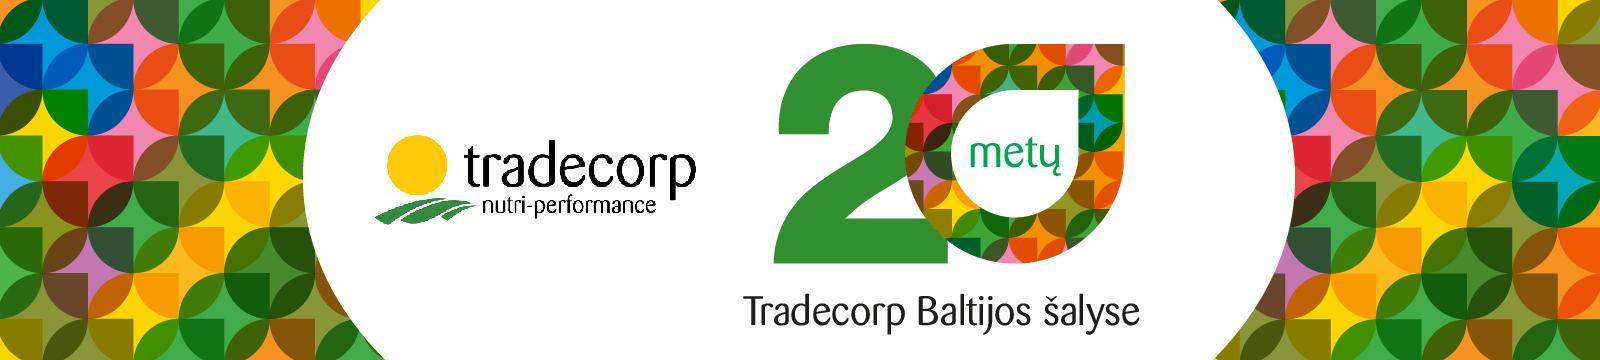 Švenčiame Tradecorp jubiliejų Baltijos šalyse!